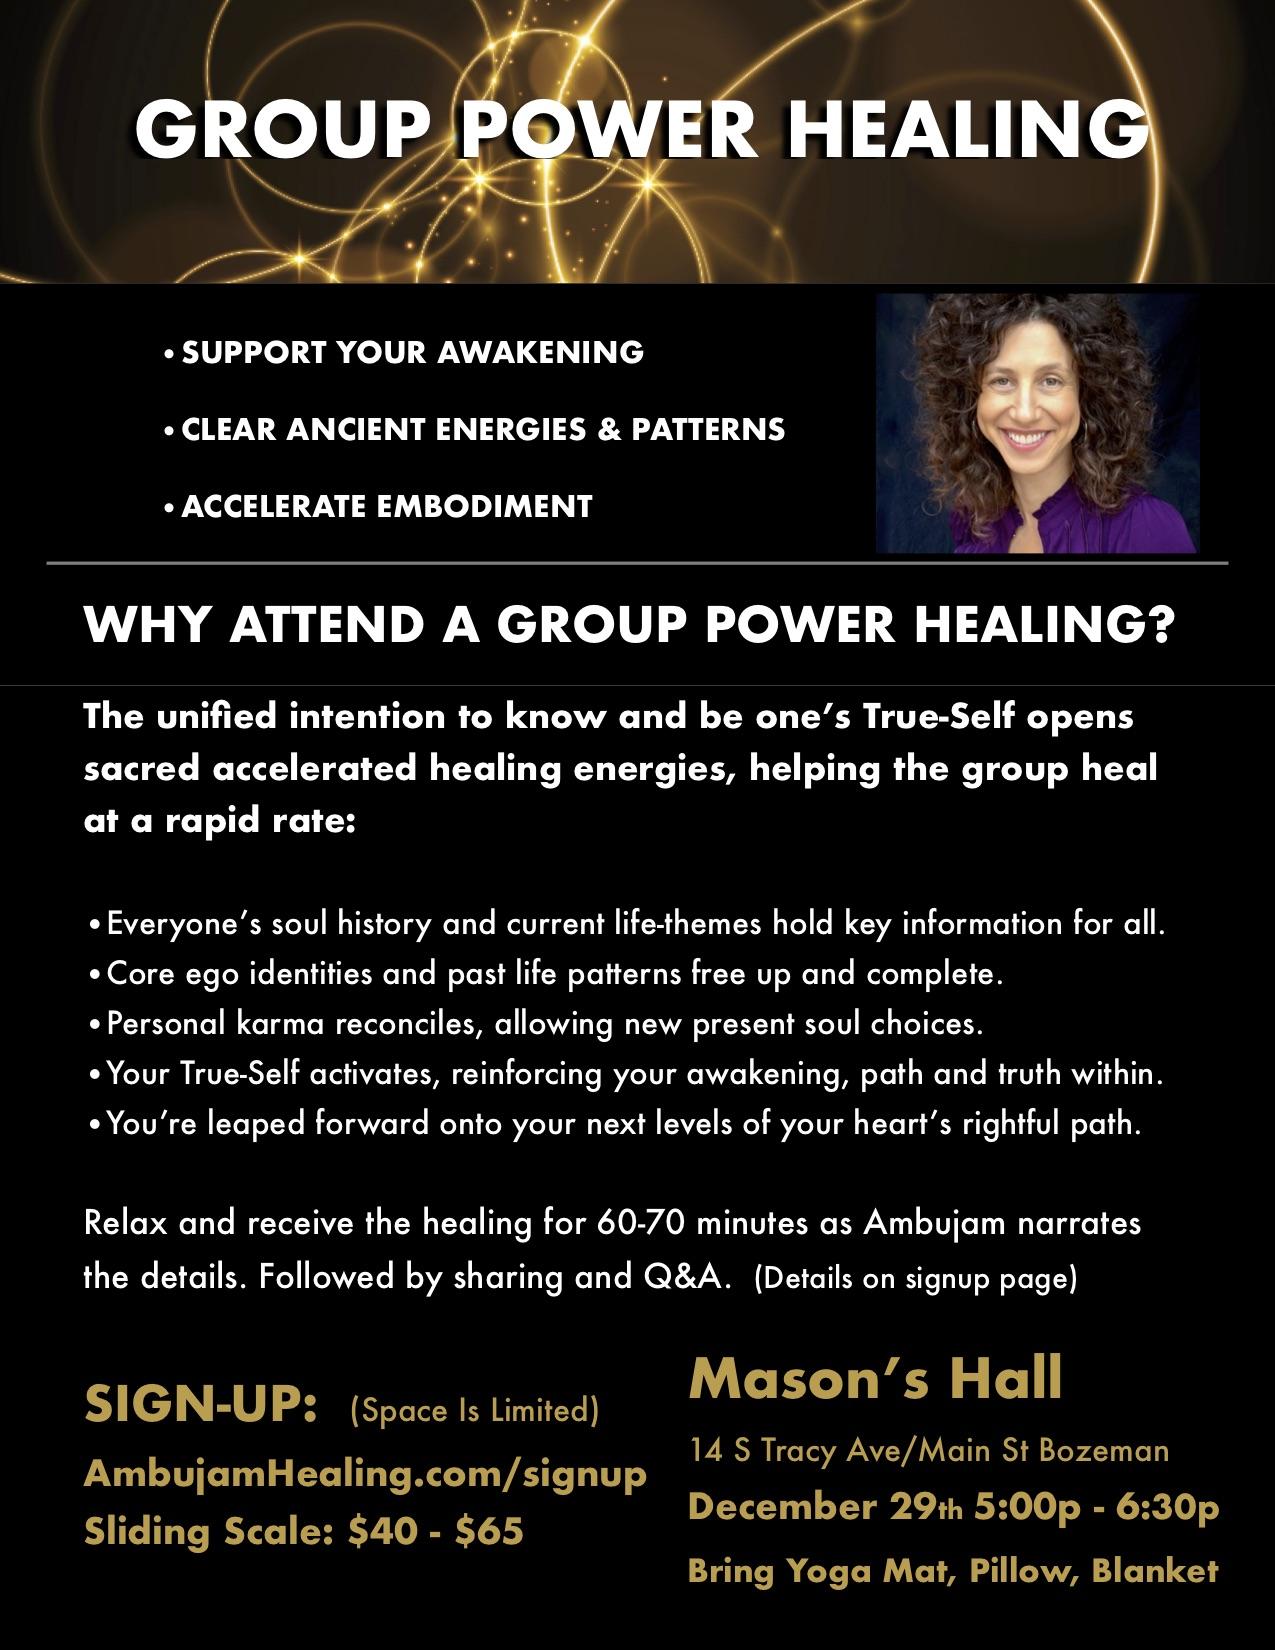 Mason's Hall GPH Flyer December 29 2018.jpg